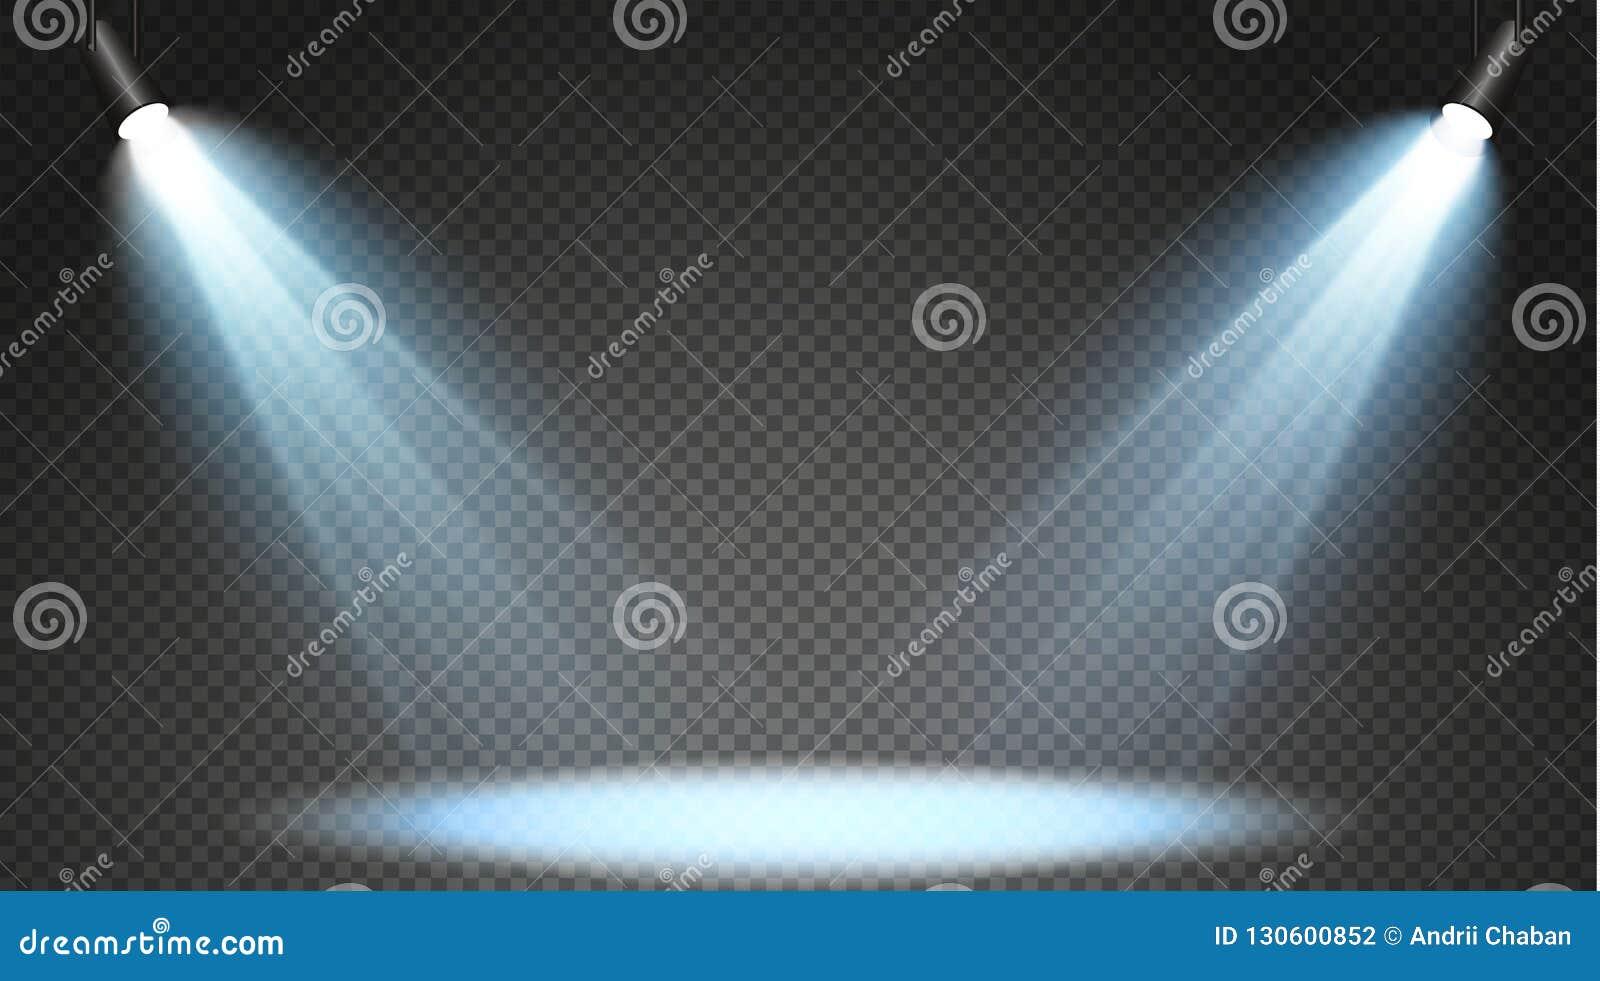 Reeks gekleurde zoeklichten op een transparante achtergrond Heldere verlichting met schijnwerpers Het zoeklicht is wit, blauw